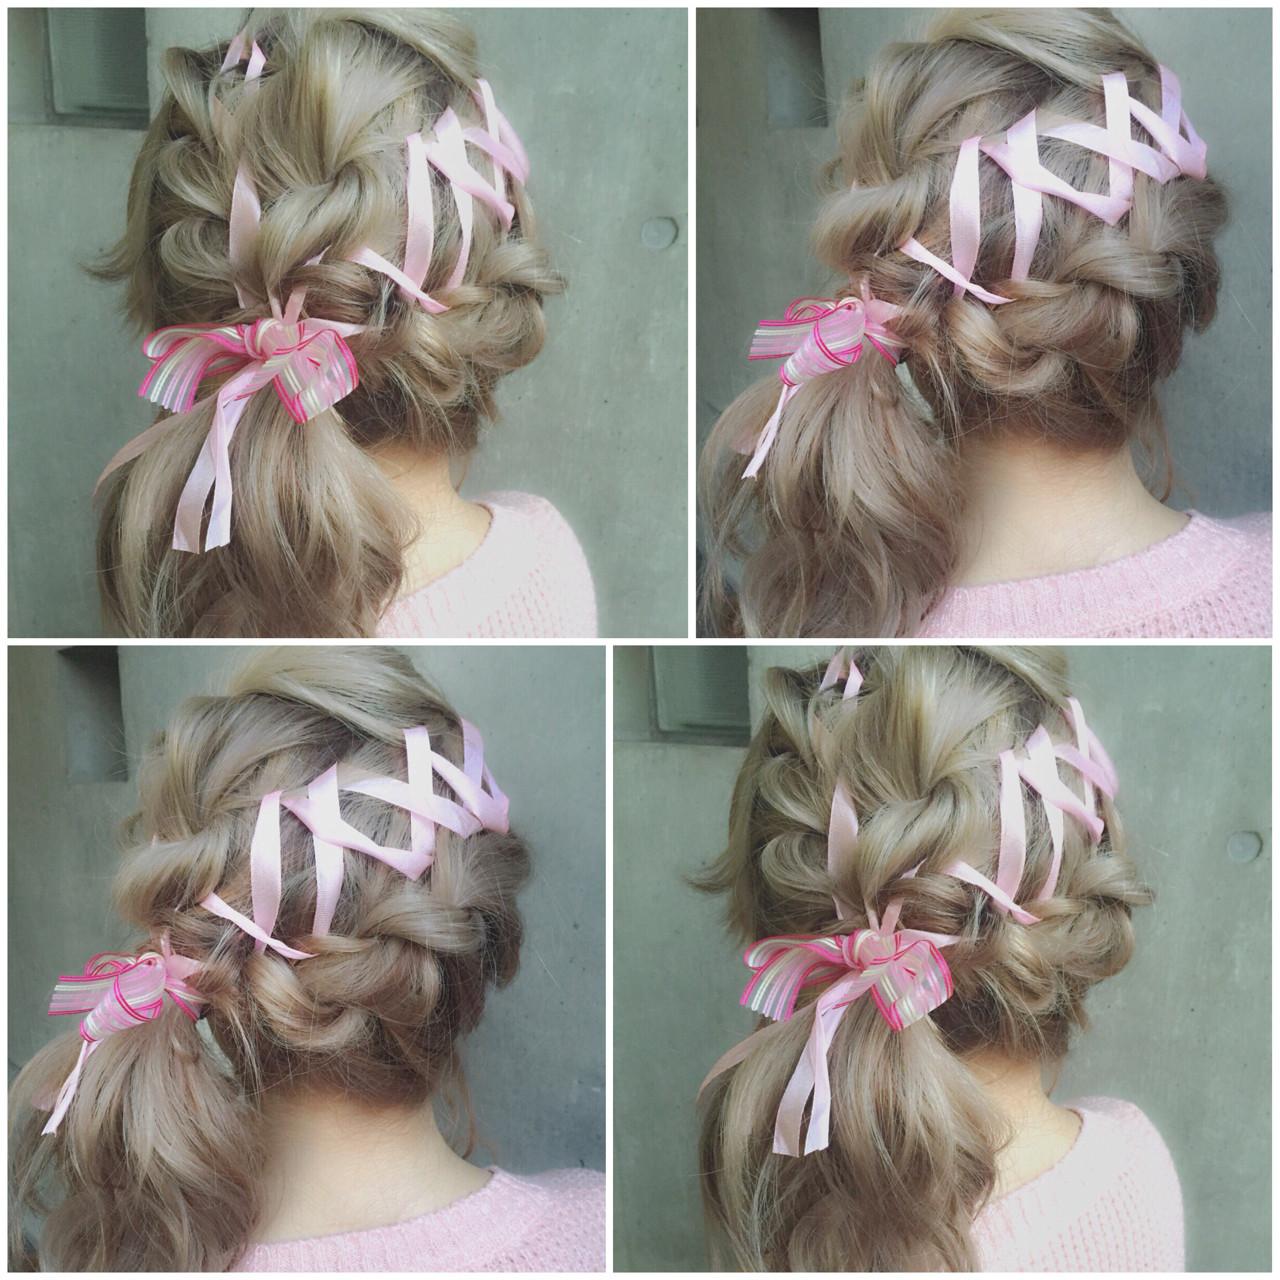 ミディアム 簡単ヘアアレンジ ヘアアレンジ ハーフアップ ヘアスタイルや髪型の写真・画像